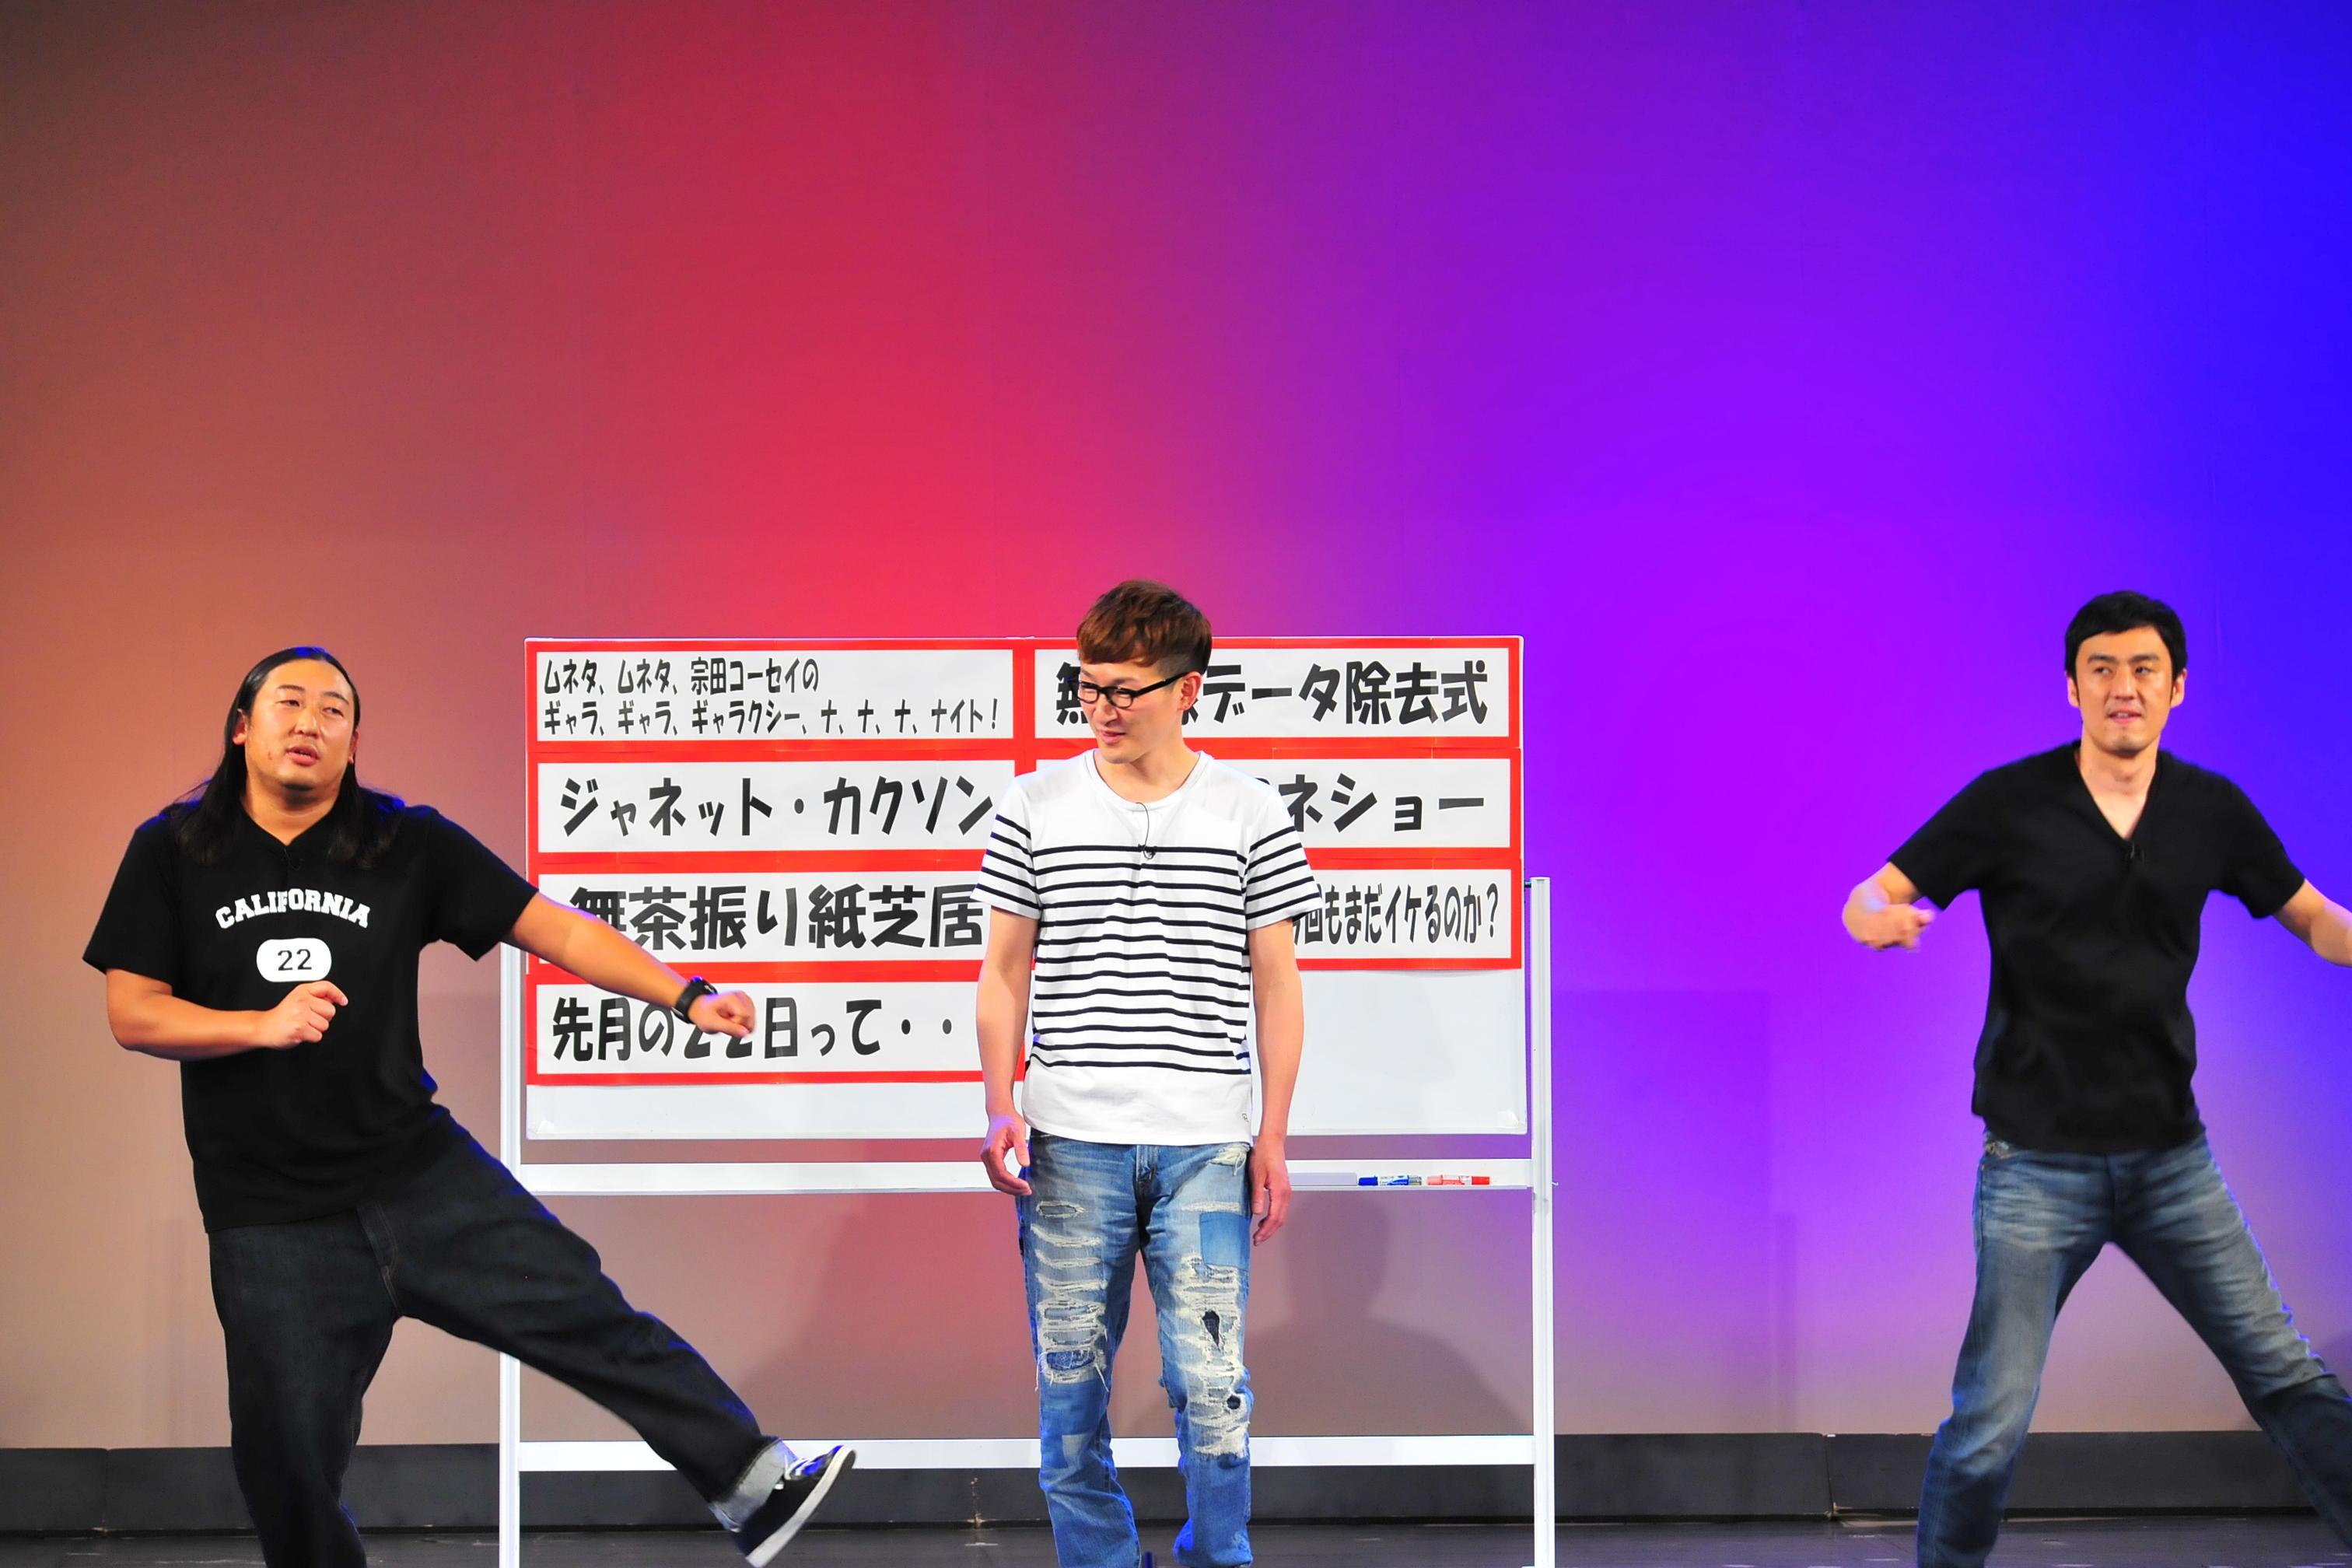 http://news.yoshimoto.co.jp/20160425154145-e5e745f2766b26e91a4ce8489d3d5ebd1b75b62f.jpg